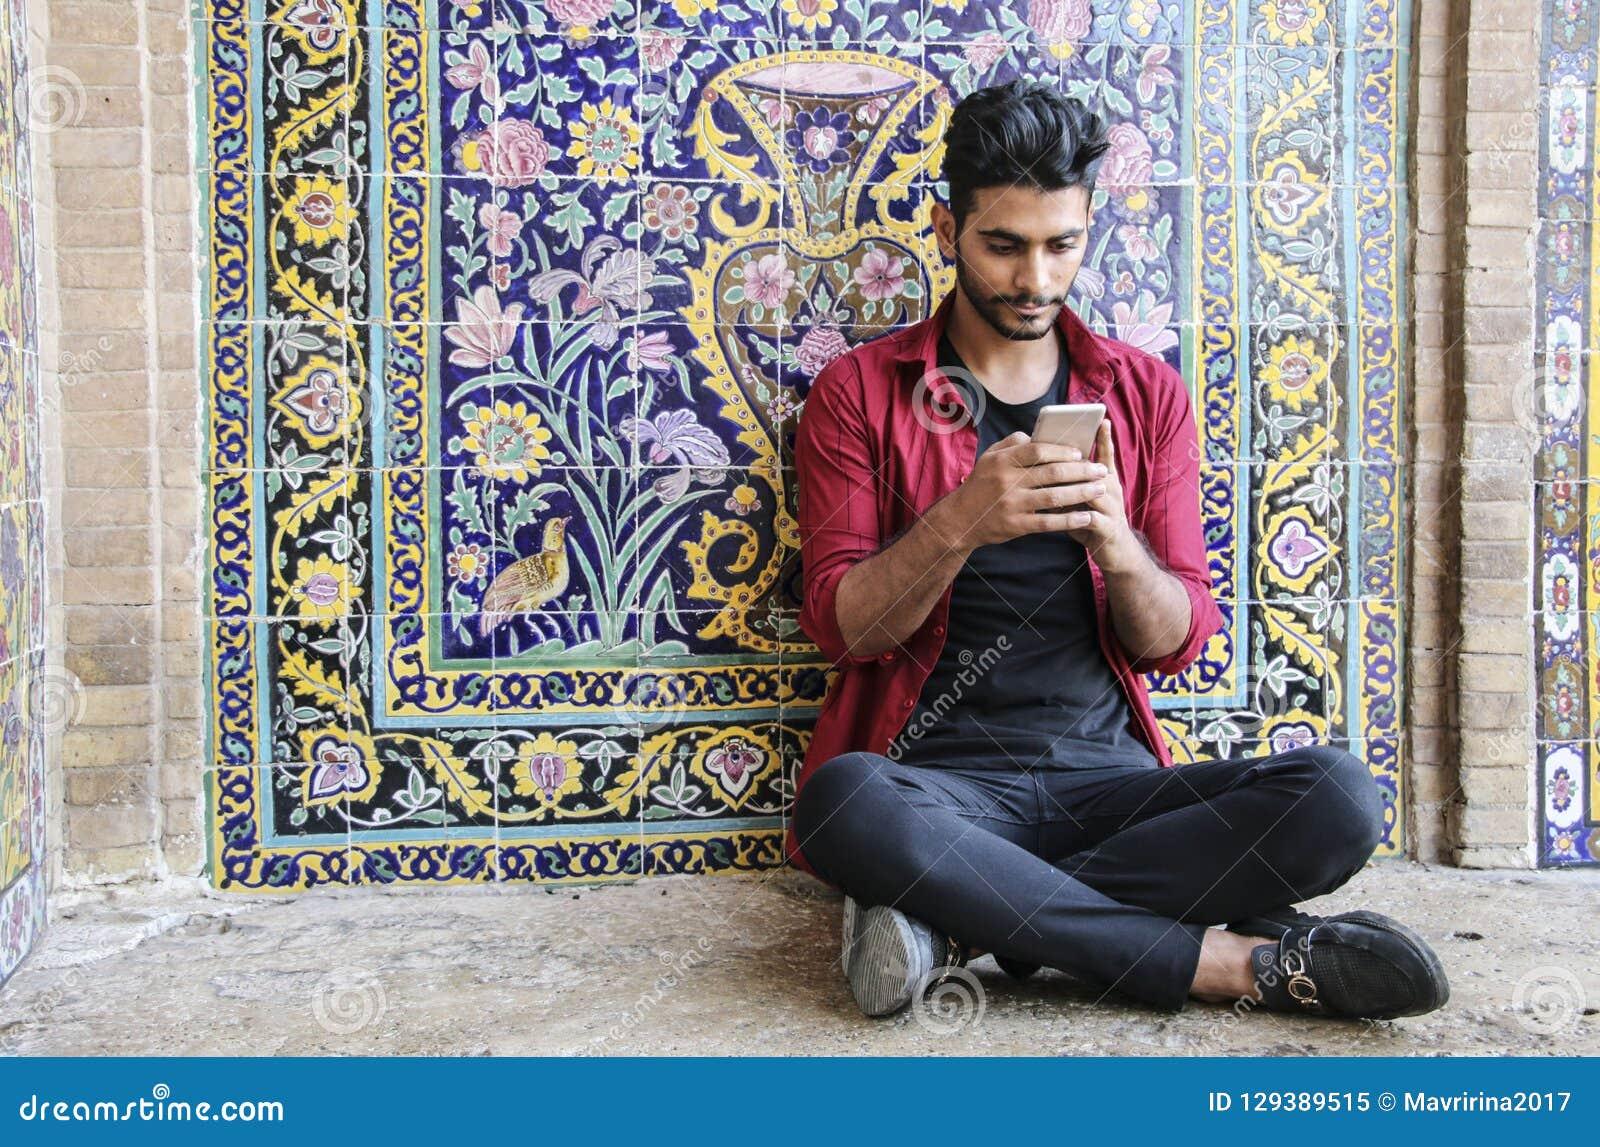 KASHAN, IRAN WRZESIEŃ 23, 2018: Młody Irański mężczyzna siedzi blisko